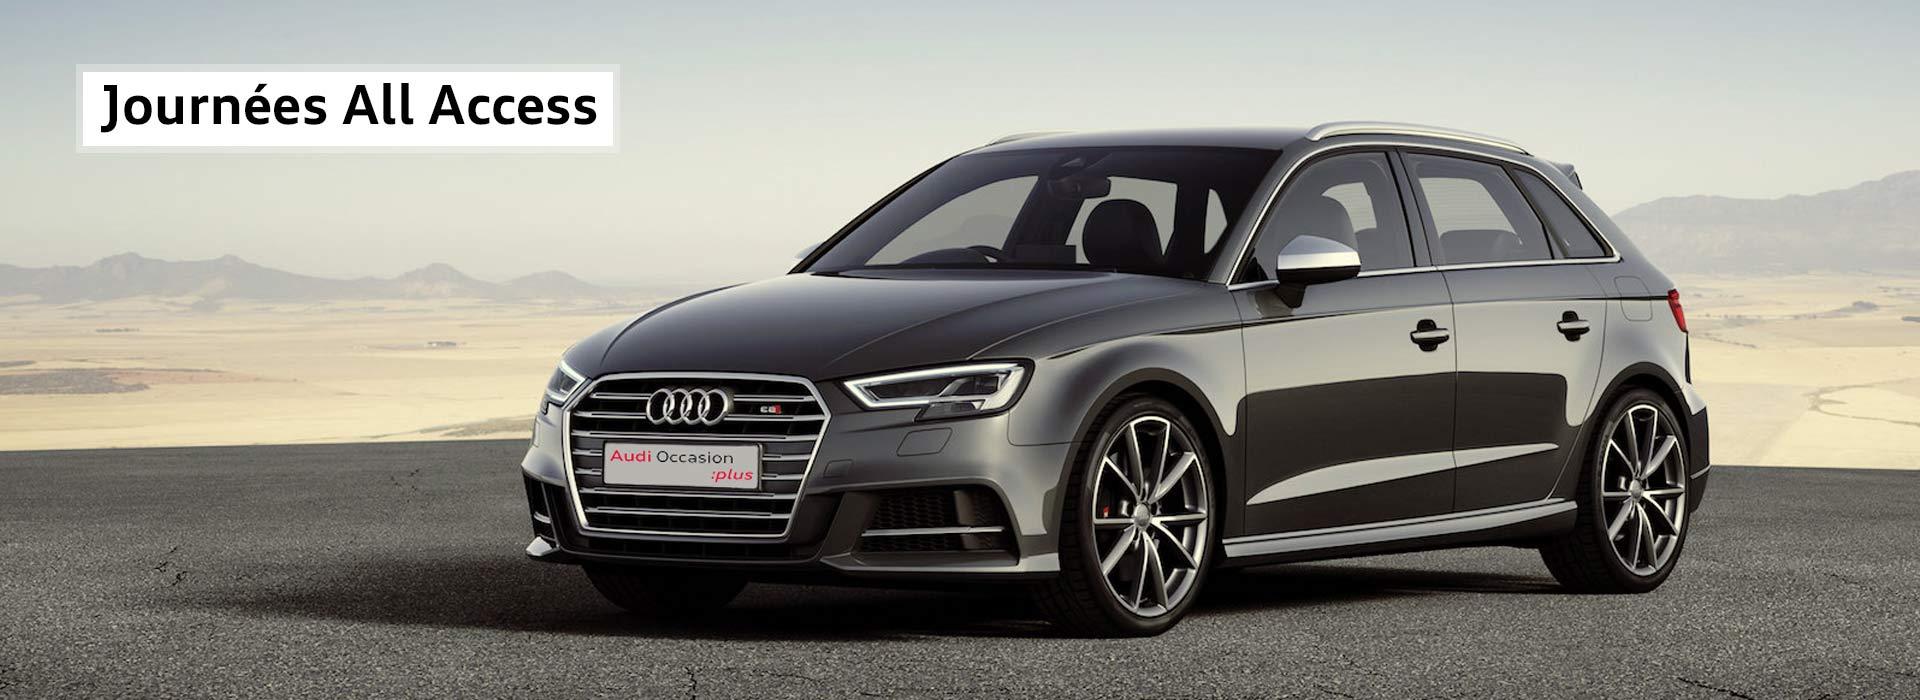 Audi All Access – Idée d'image de voiture